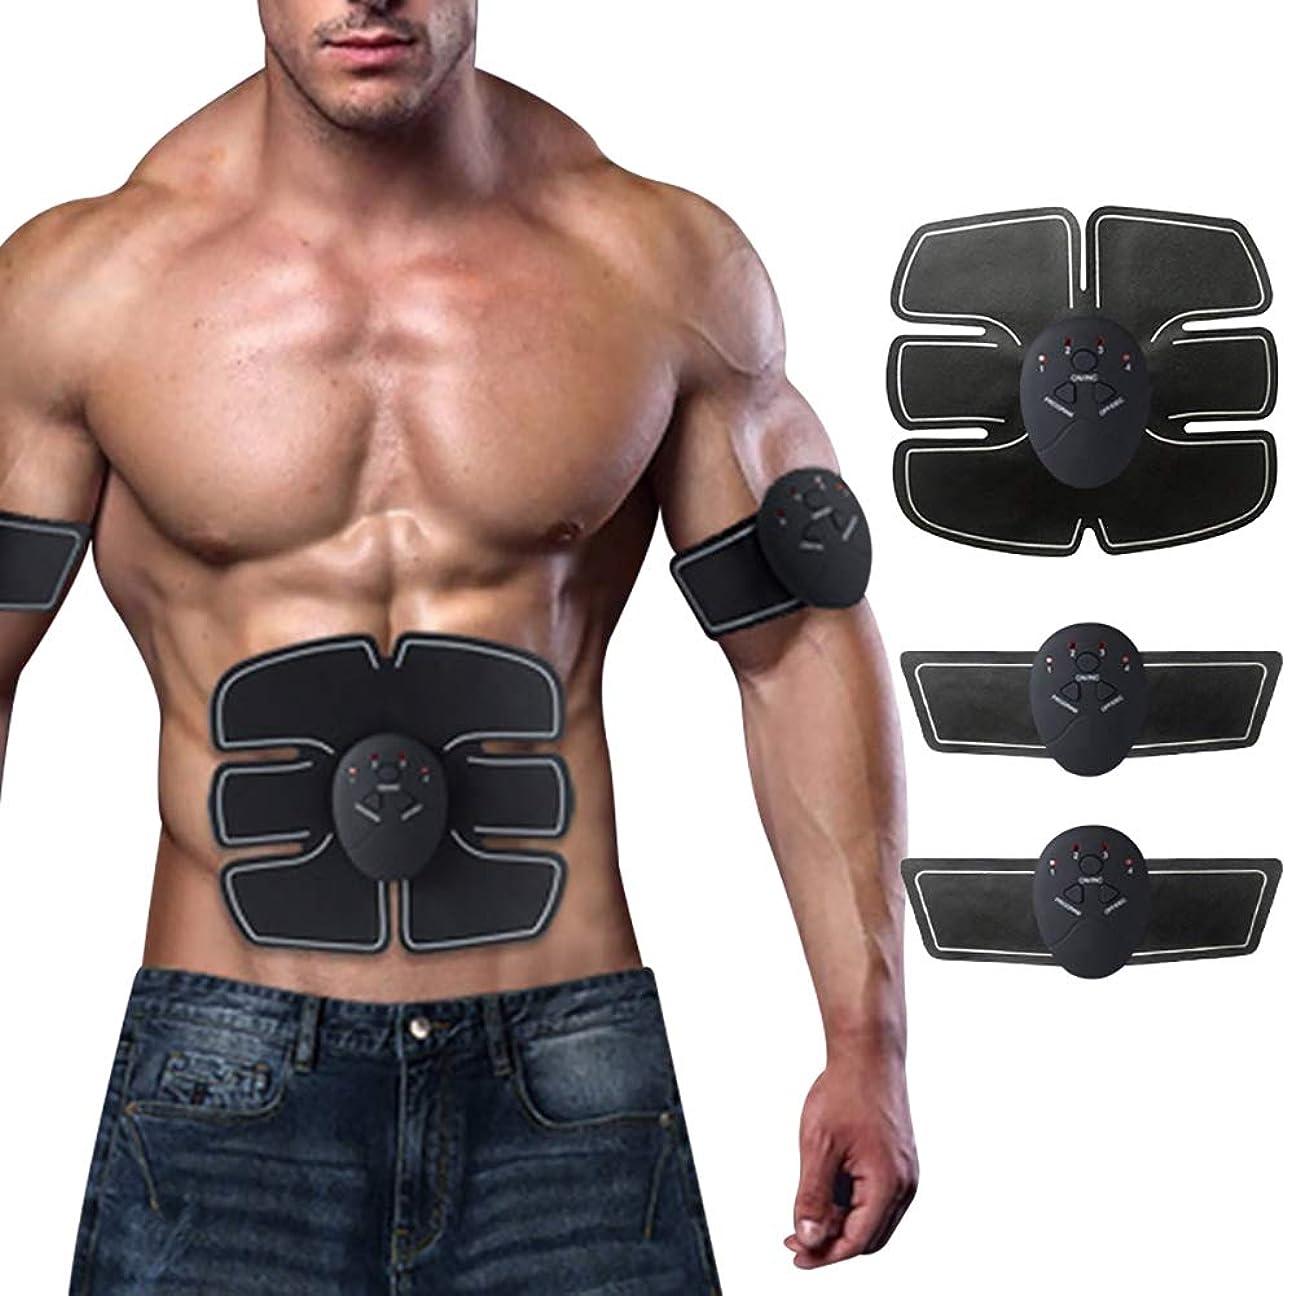 正確市民権年スマートフィットネス腹部器具、EMSテクノロジー腹部および腕筋刺激トレーナー筋肉運動怠Exerciseな家族フィットネス機器,A,Charging